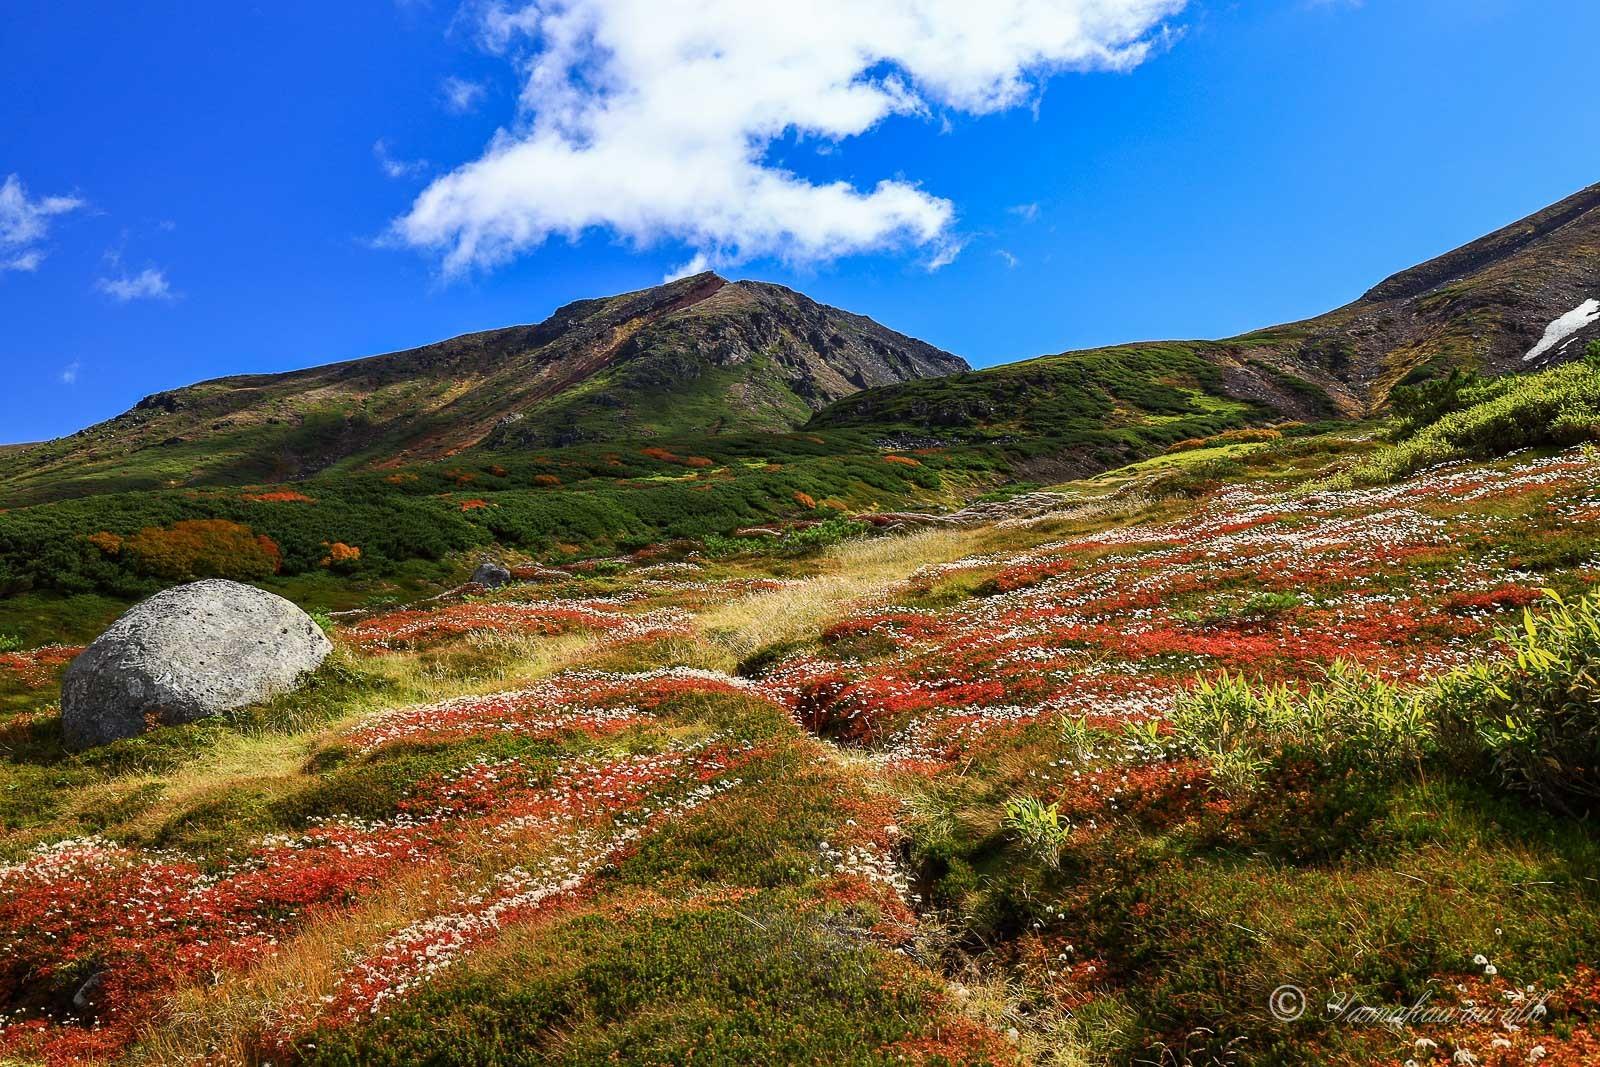 裾合平から中岳温泉まで歩いてきた_b0243727_20043610.jpg